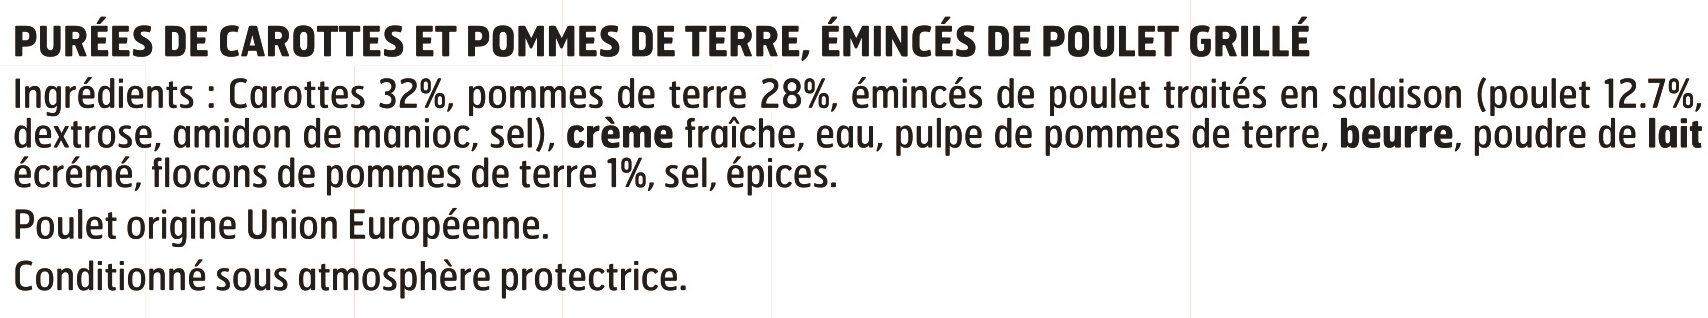 Emincés de Poulet et Duo de Purées - Ingrédients